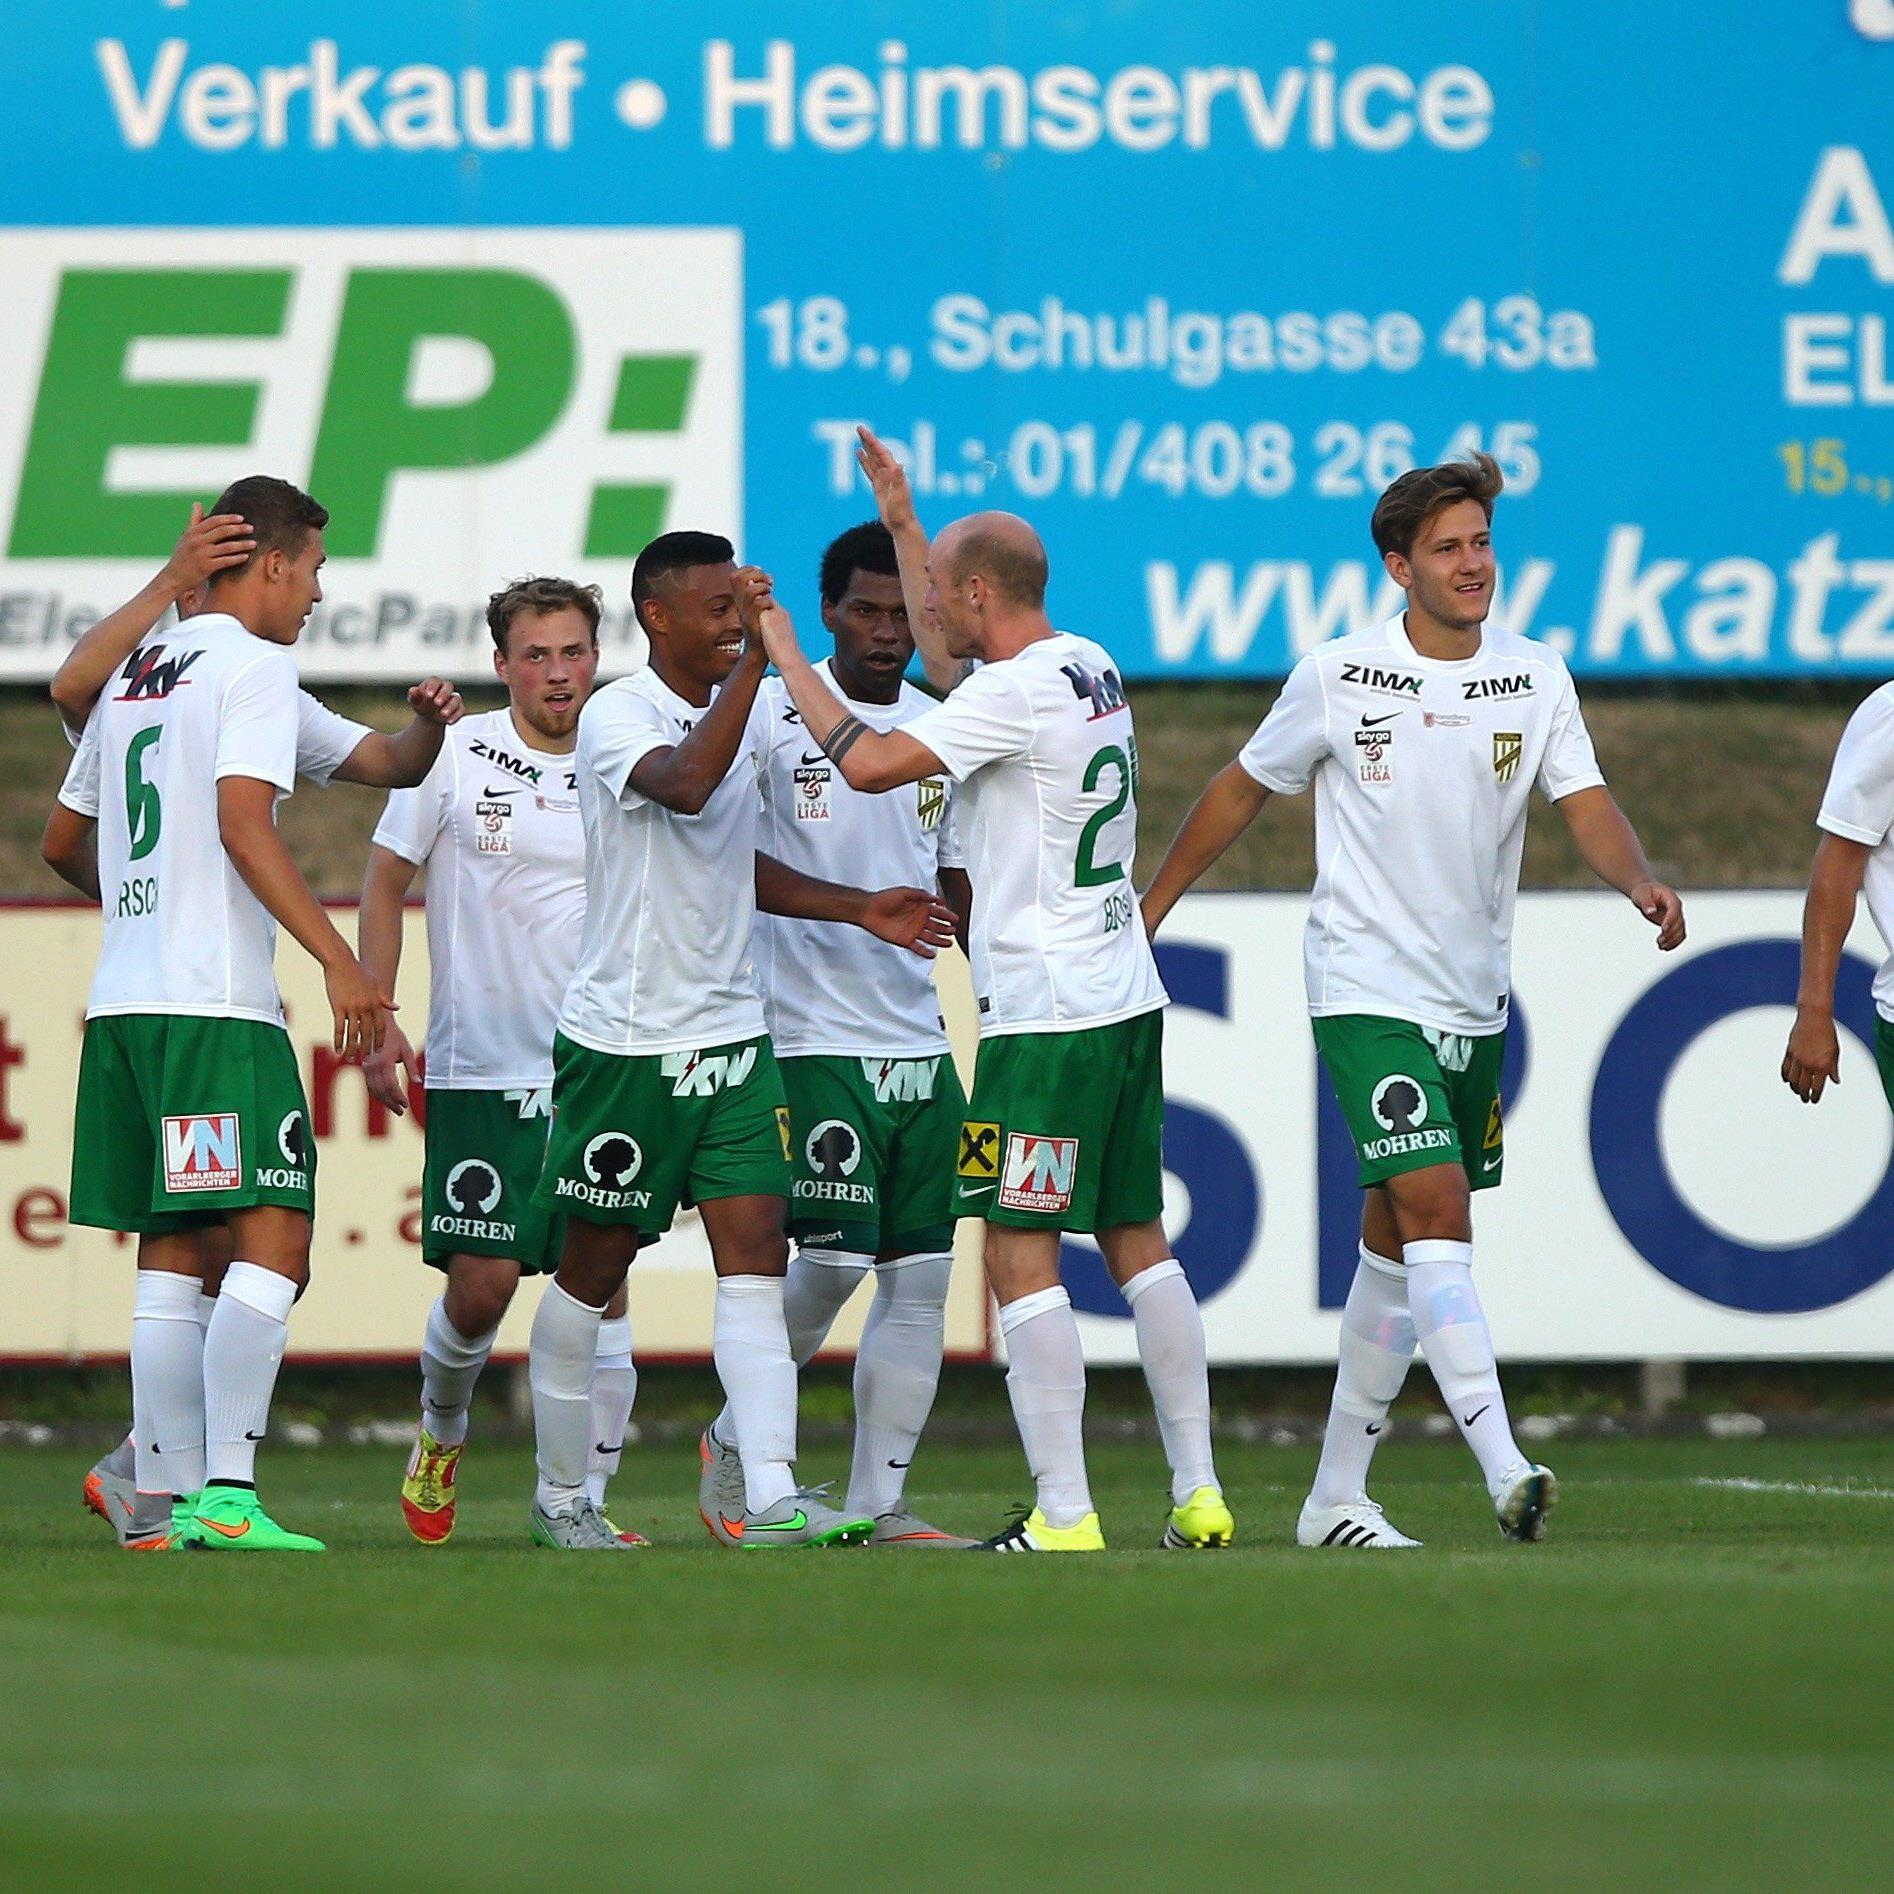 Der Austria gelang nach zwei Niederlagen in Folge (gegen Kapfenberg und St. Pölten) zuletzt ein Befreiungsschlag gegen den FAC (3:1).